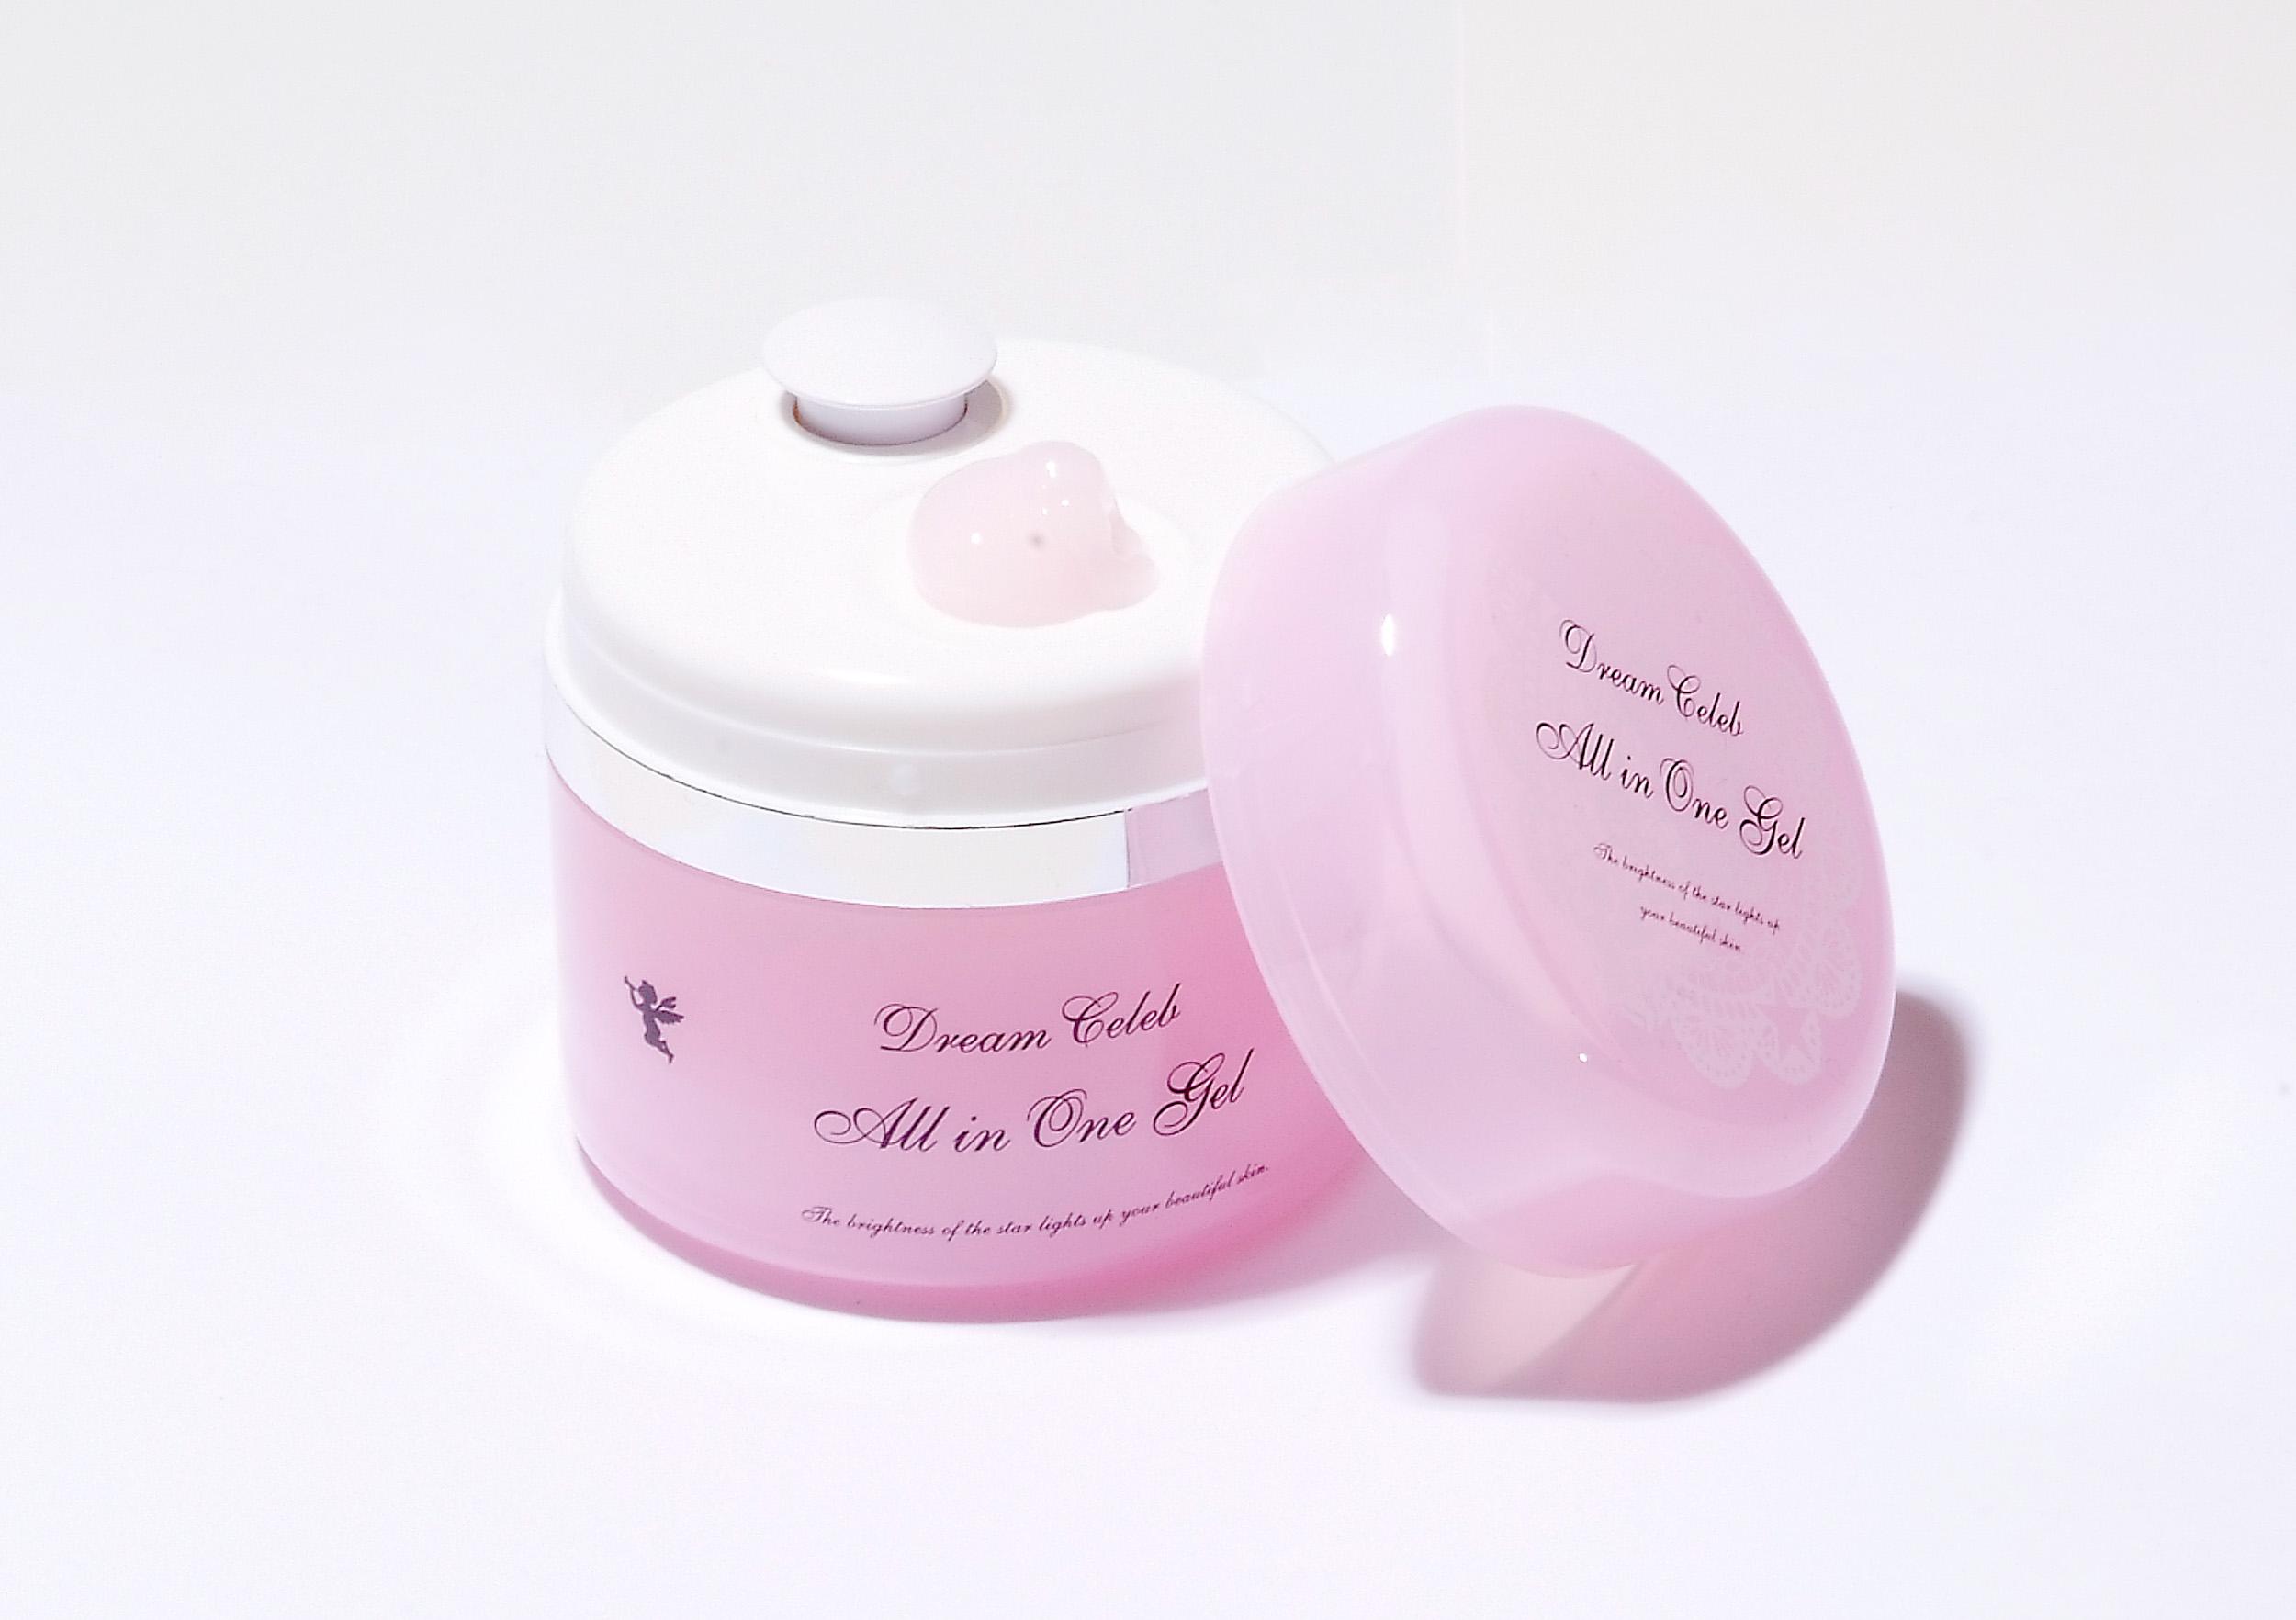 ピンクの可愛らしい色のジェルクリームです。